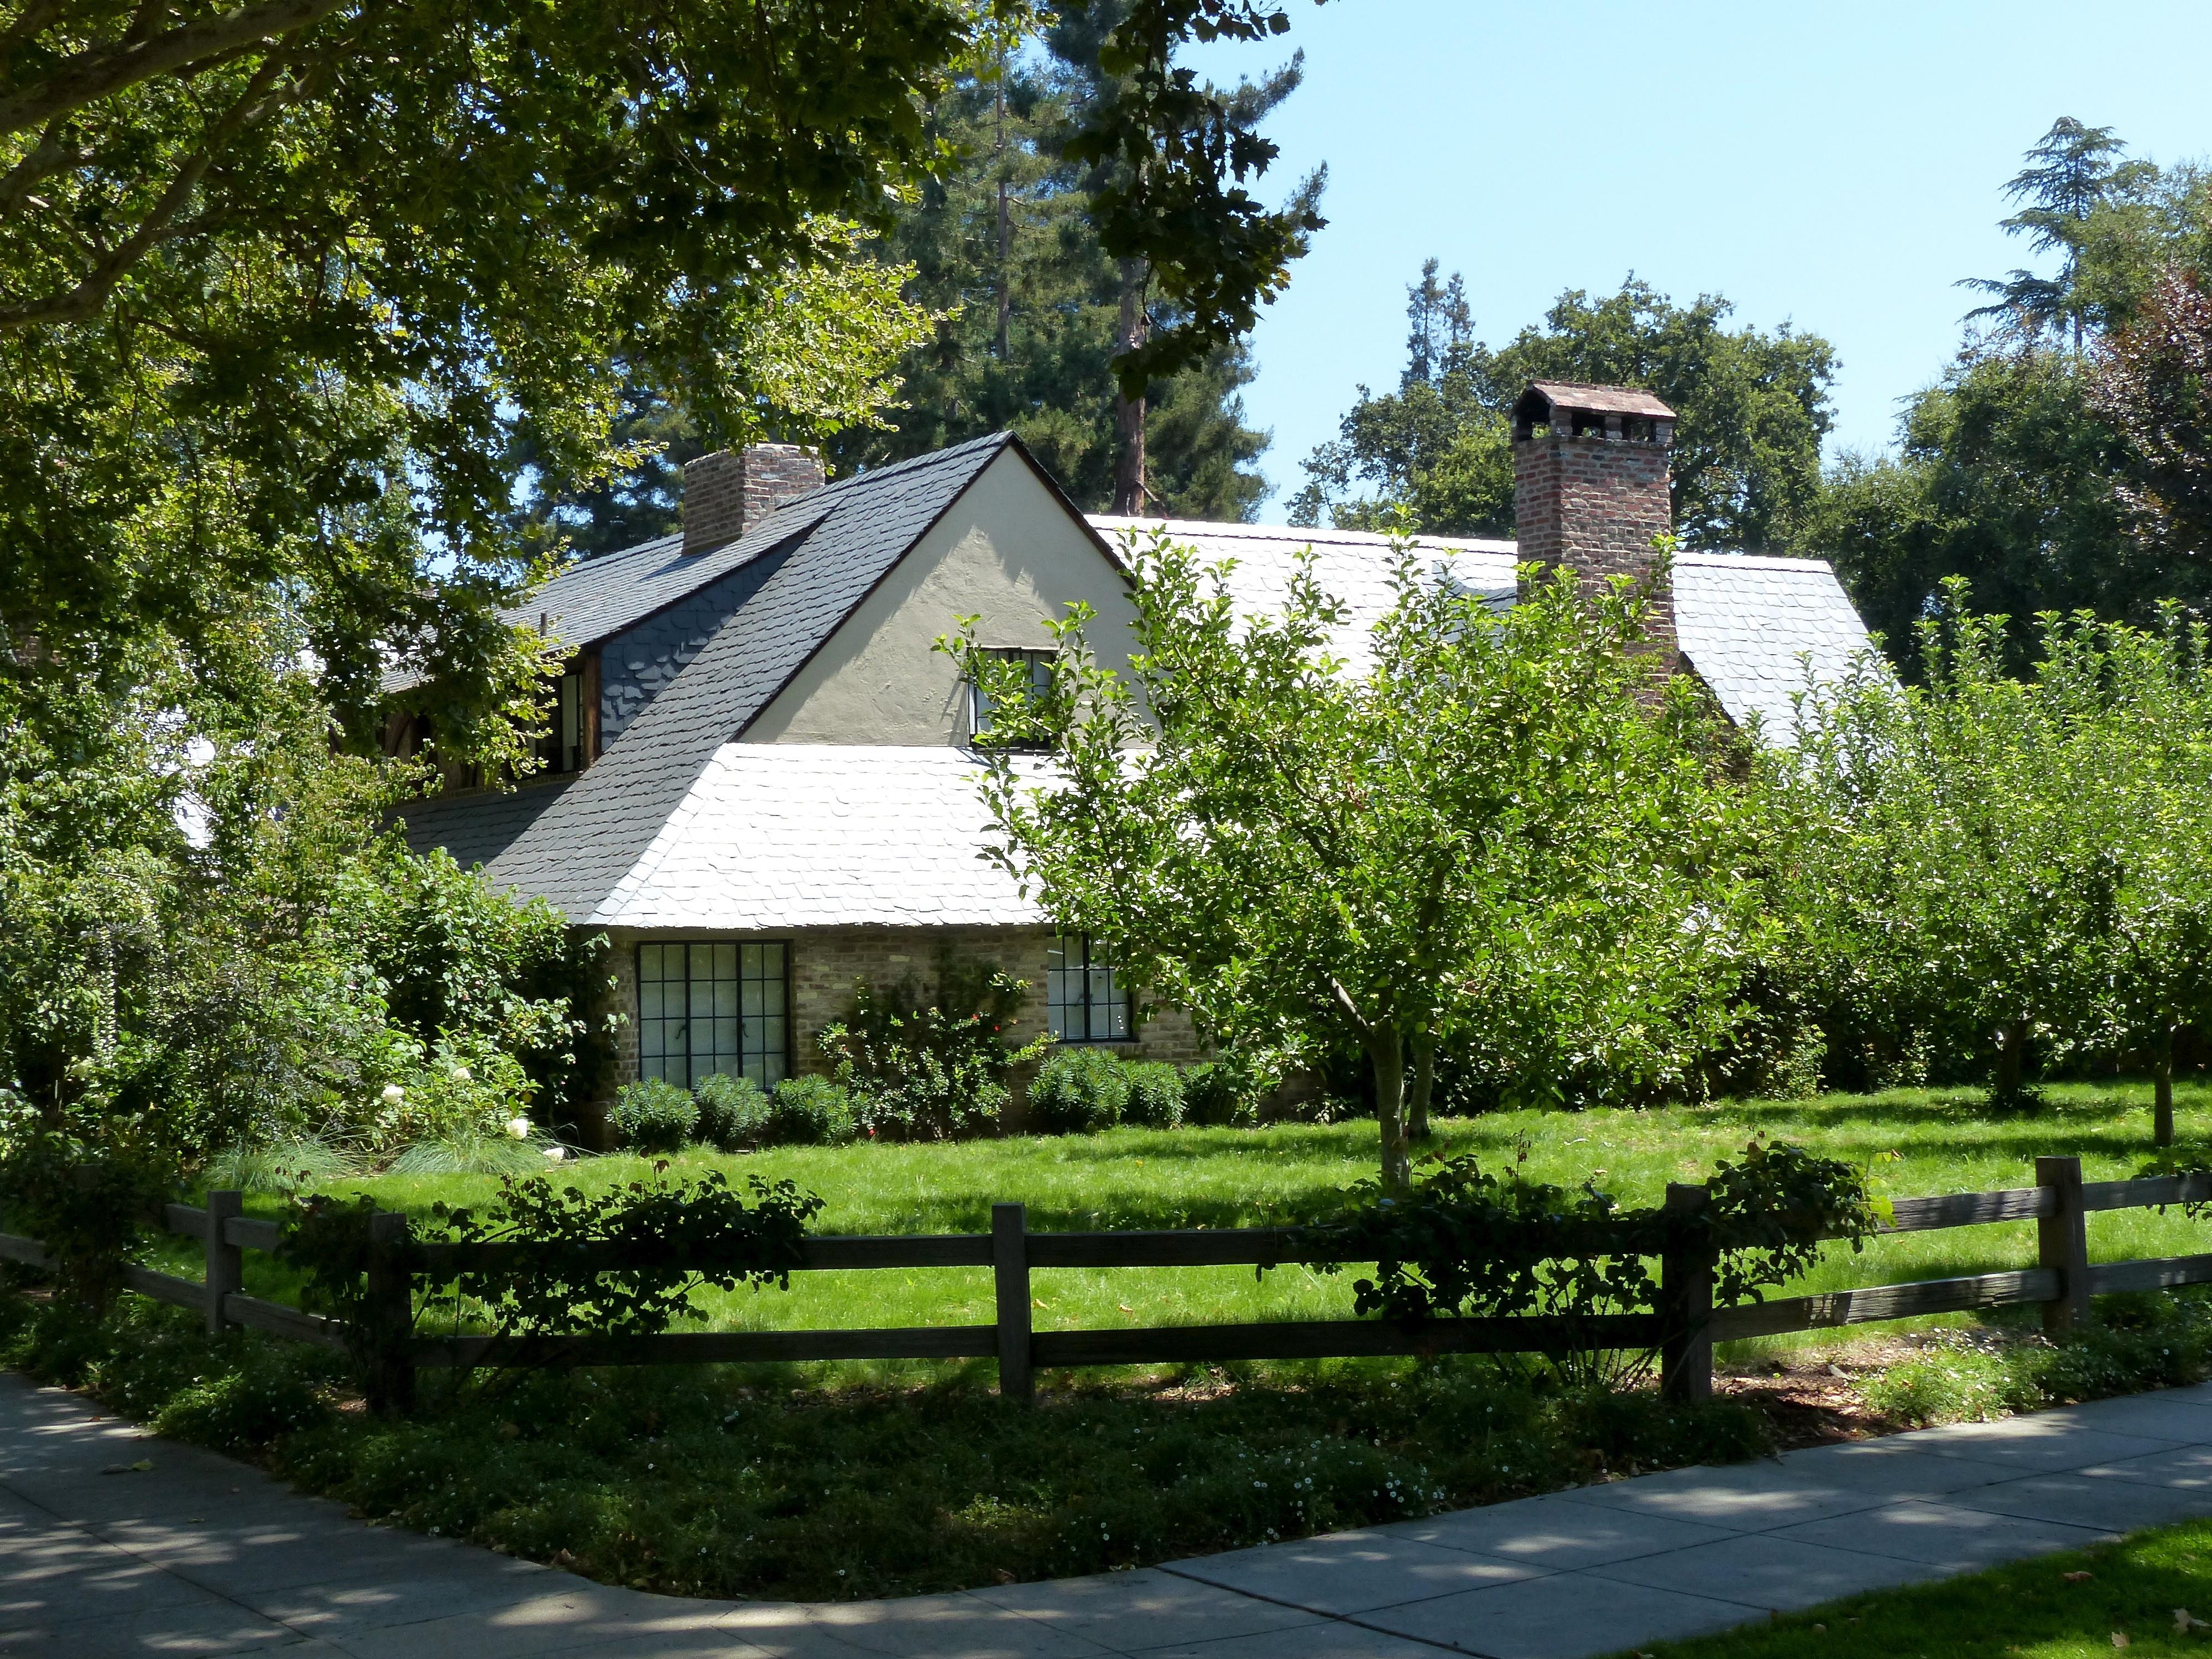 File:Steve Jobss House in Palo Alto (9602783108).jpg - Wikimedia Commons